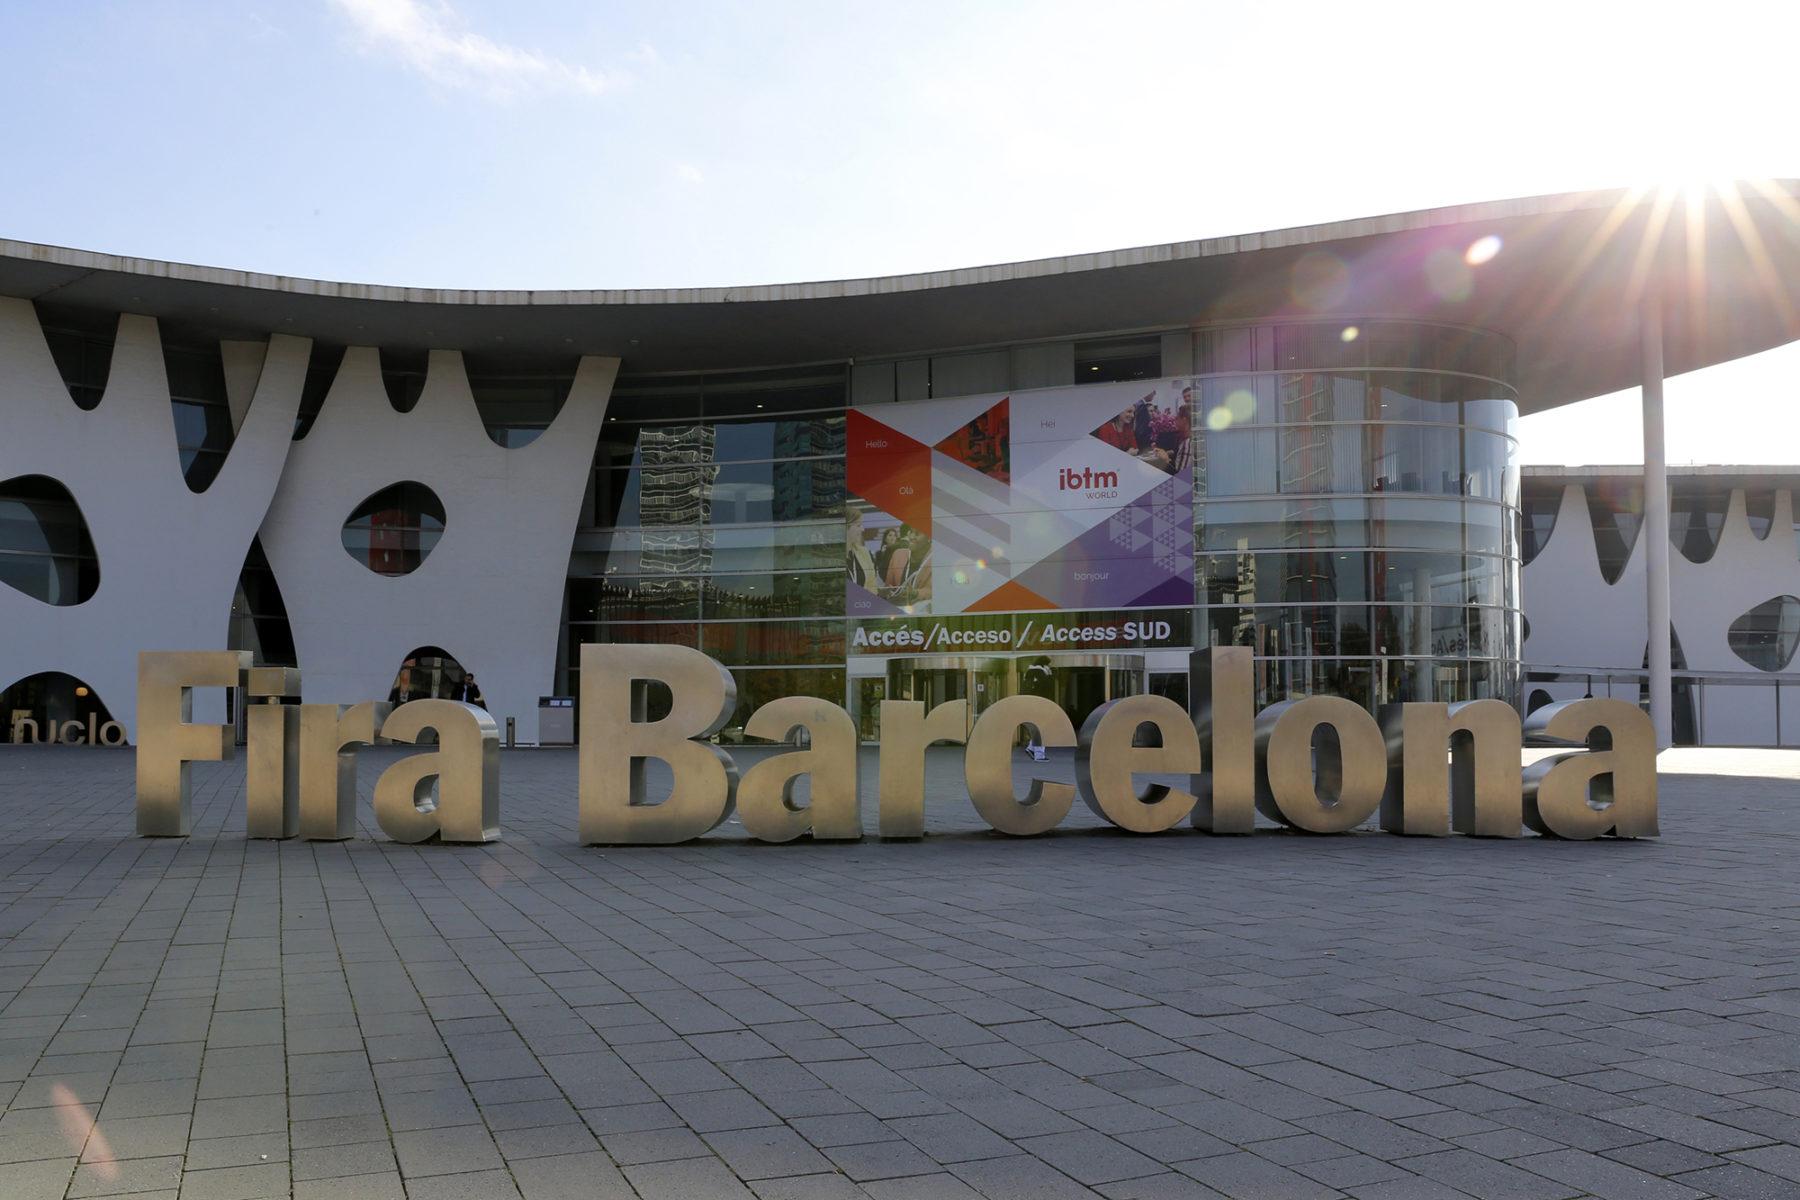 IBTM | fira de barcelona | @sundisa_impresion